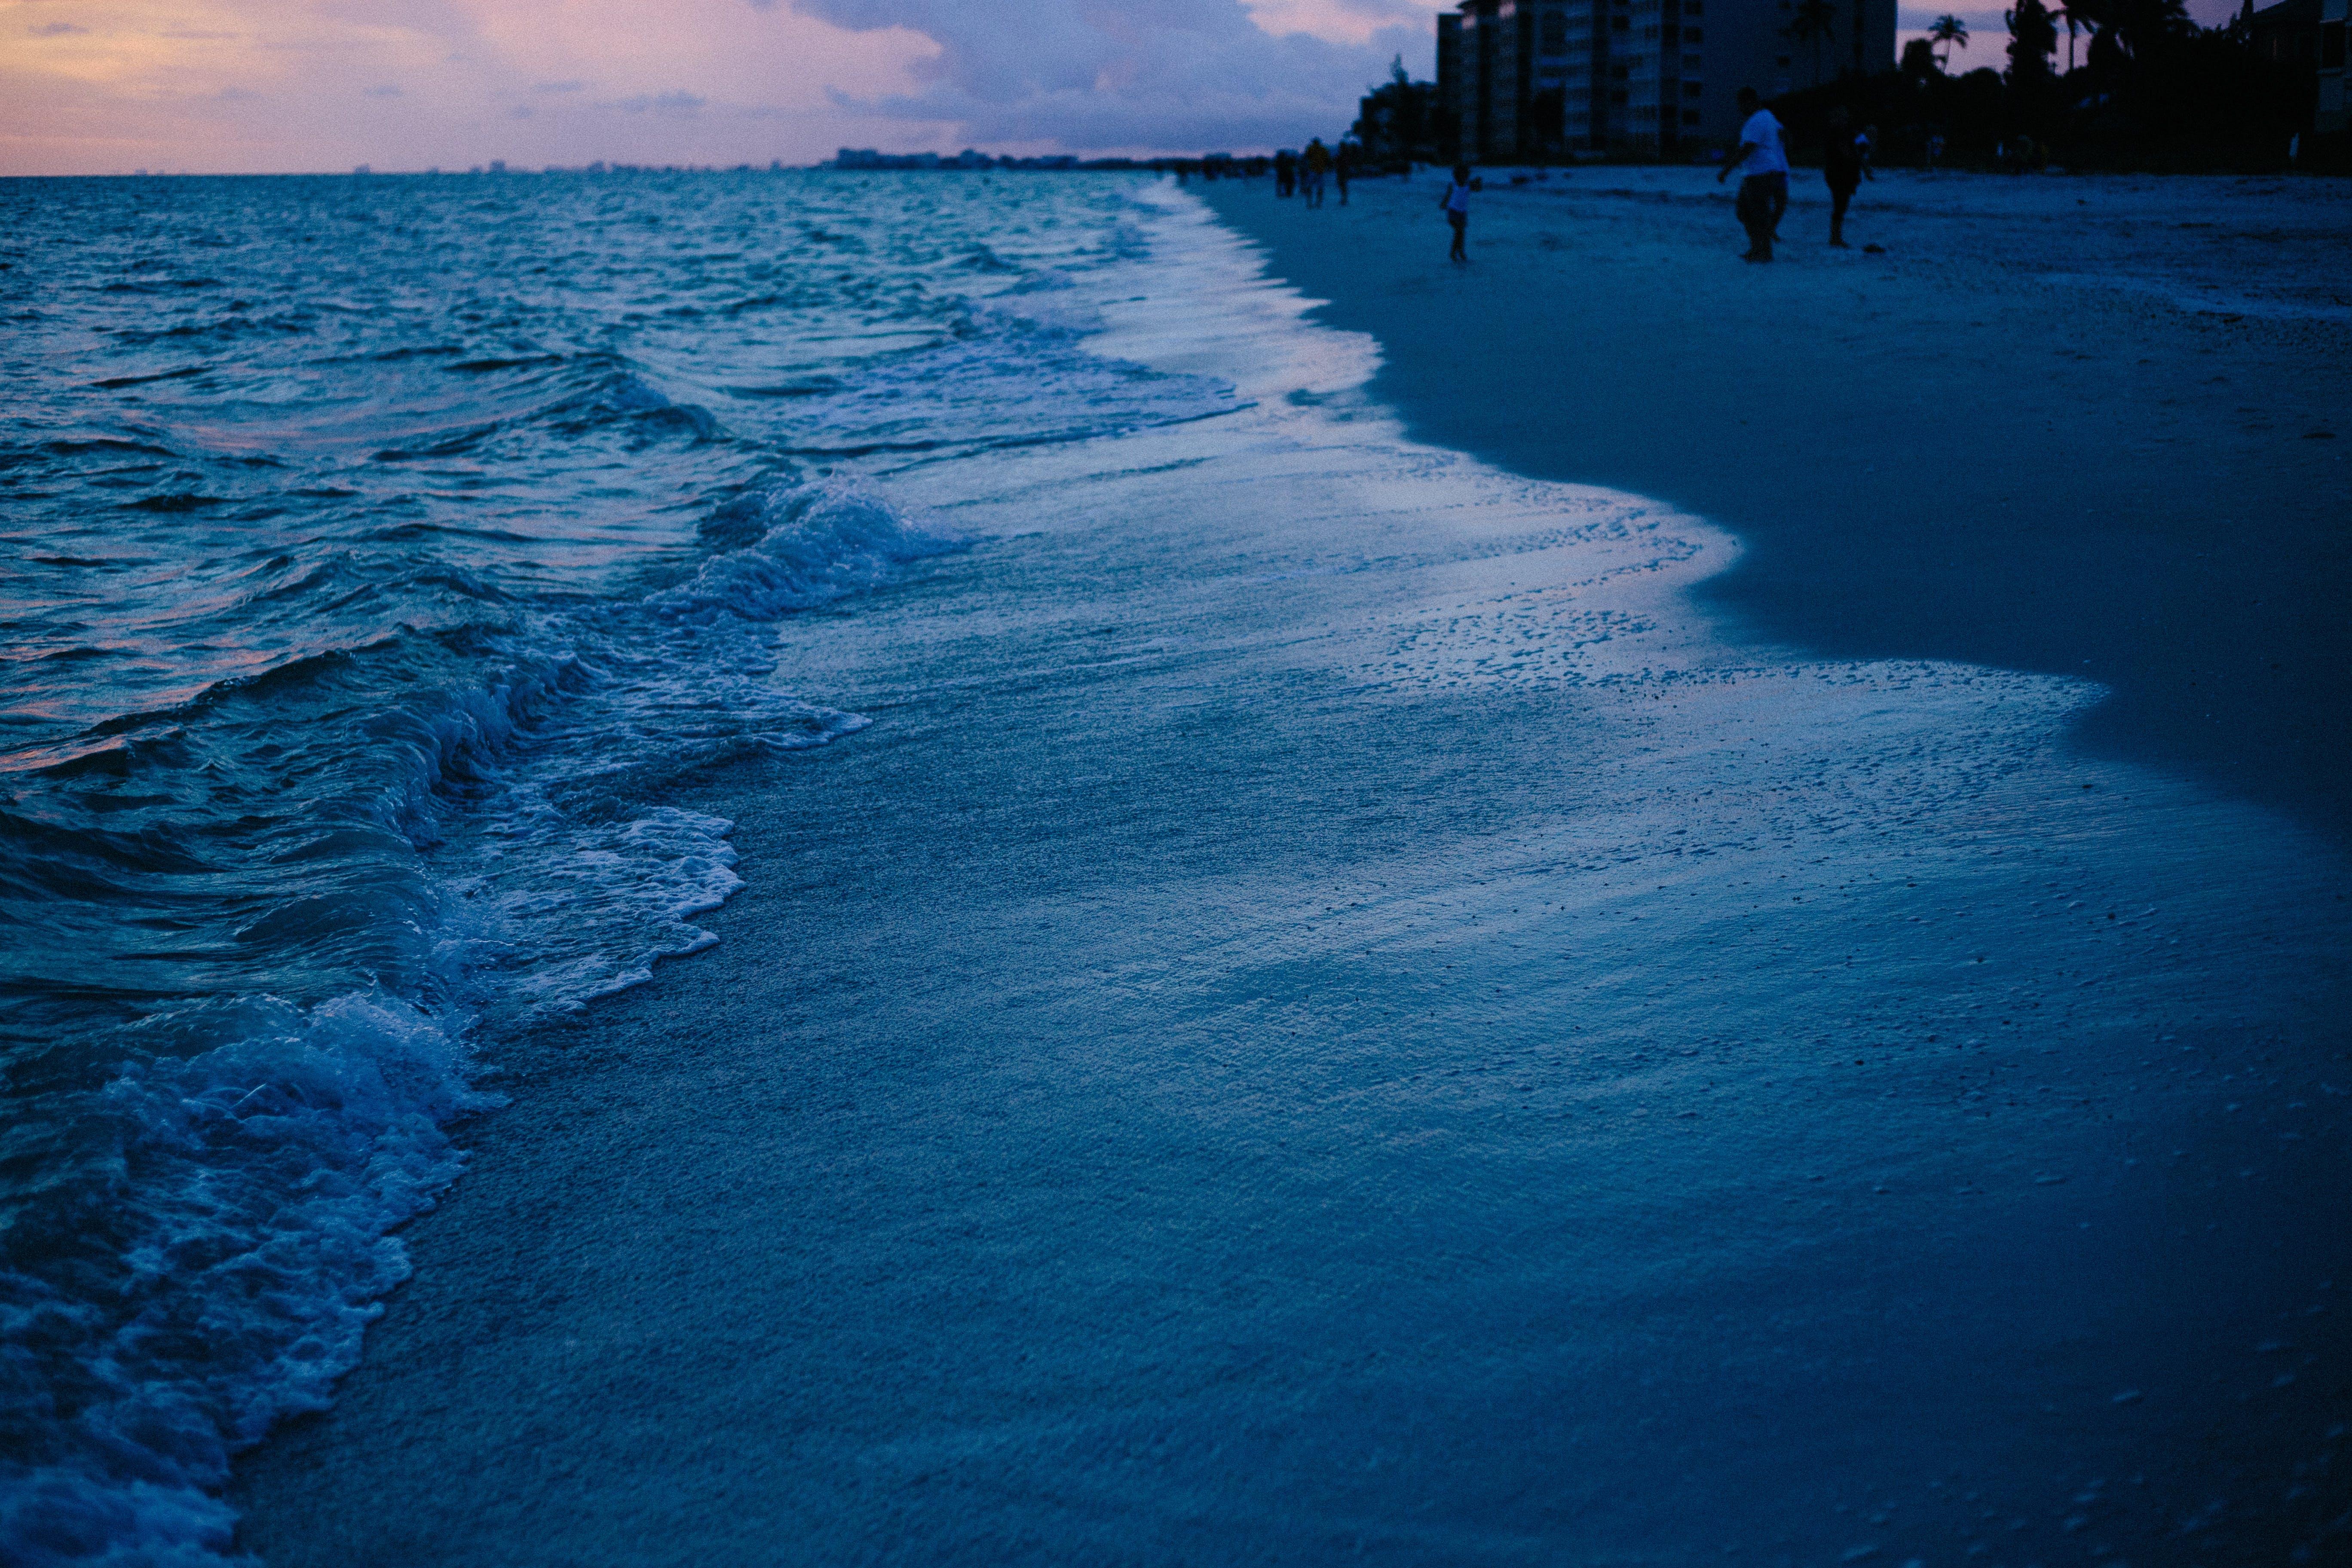 Immagine gratuita di acqua, alba, leggero, litorale